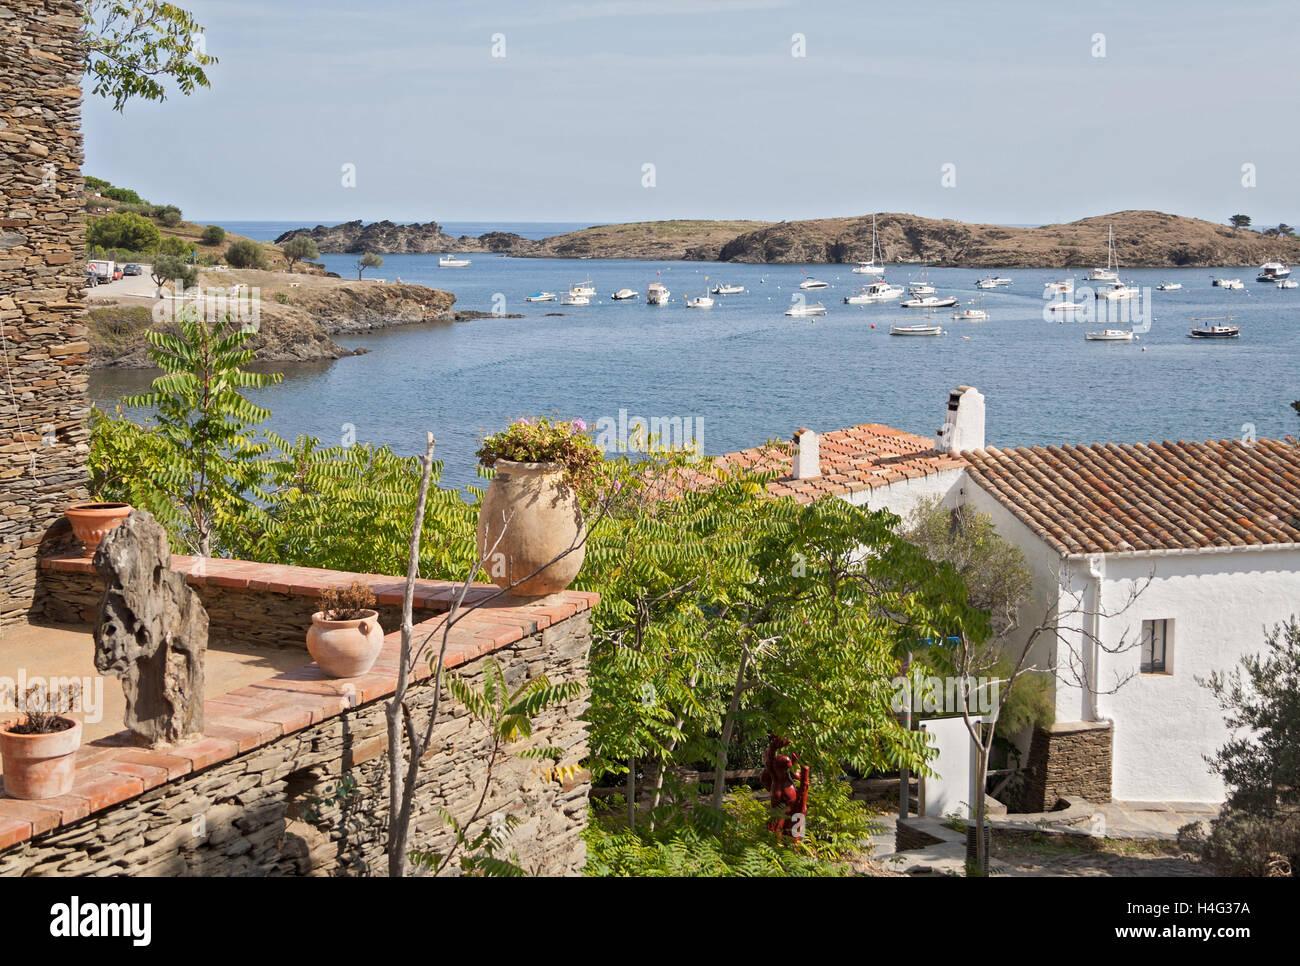 Vista de la pequeña bahía de Port Lligat, en Cataluña, España Imagen De Stock